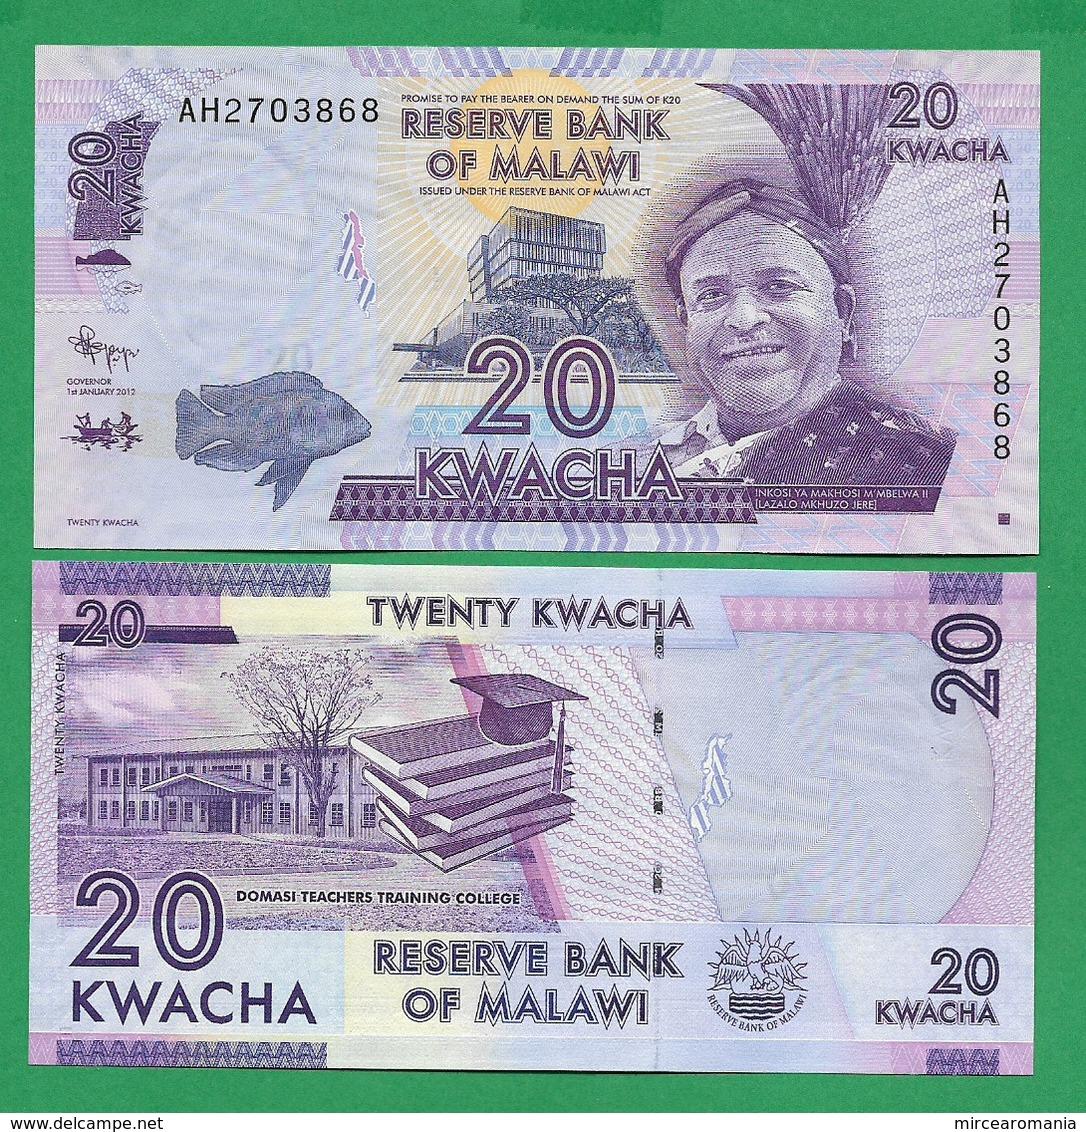 MALAWI - 20 KWACHA - 2012 - UNC - Malawi